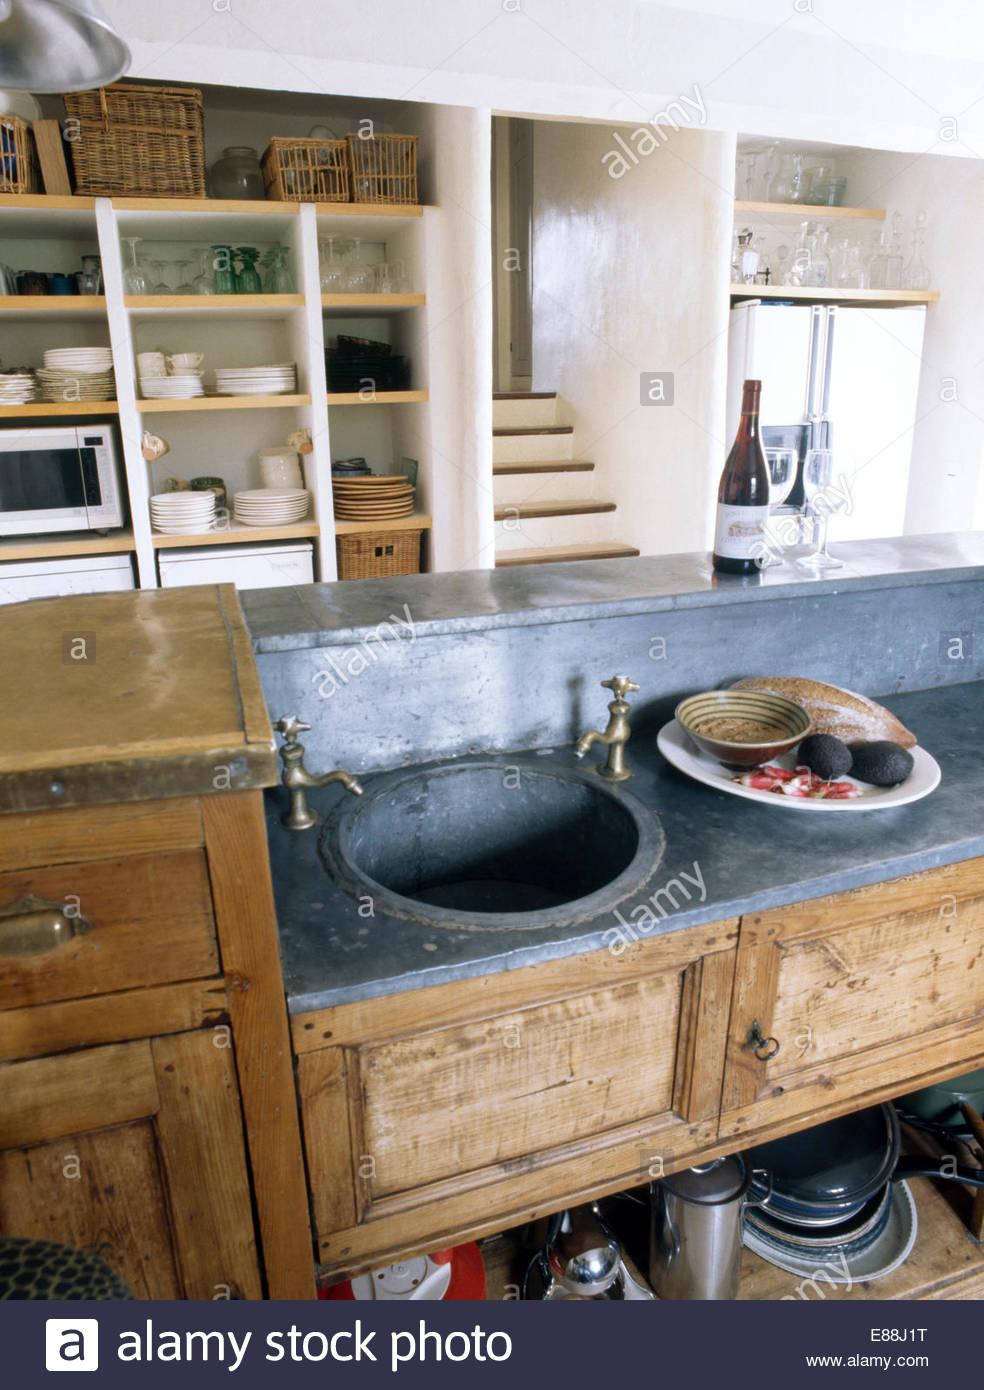 Full Size of Sideboard Küche 100 Cm Anrichte Küche Grau Sideboard Küche Otto Sideboard Küche Offen Küche Anrichte Küche